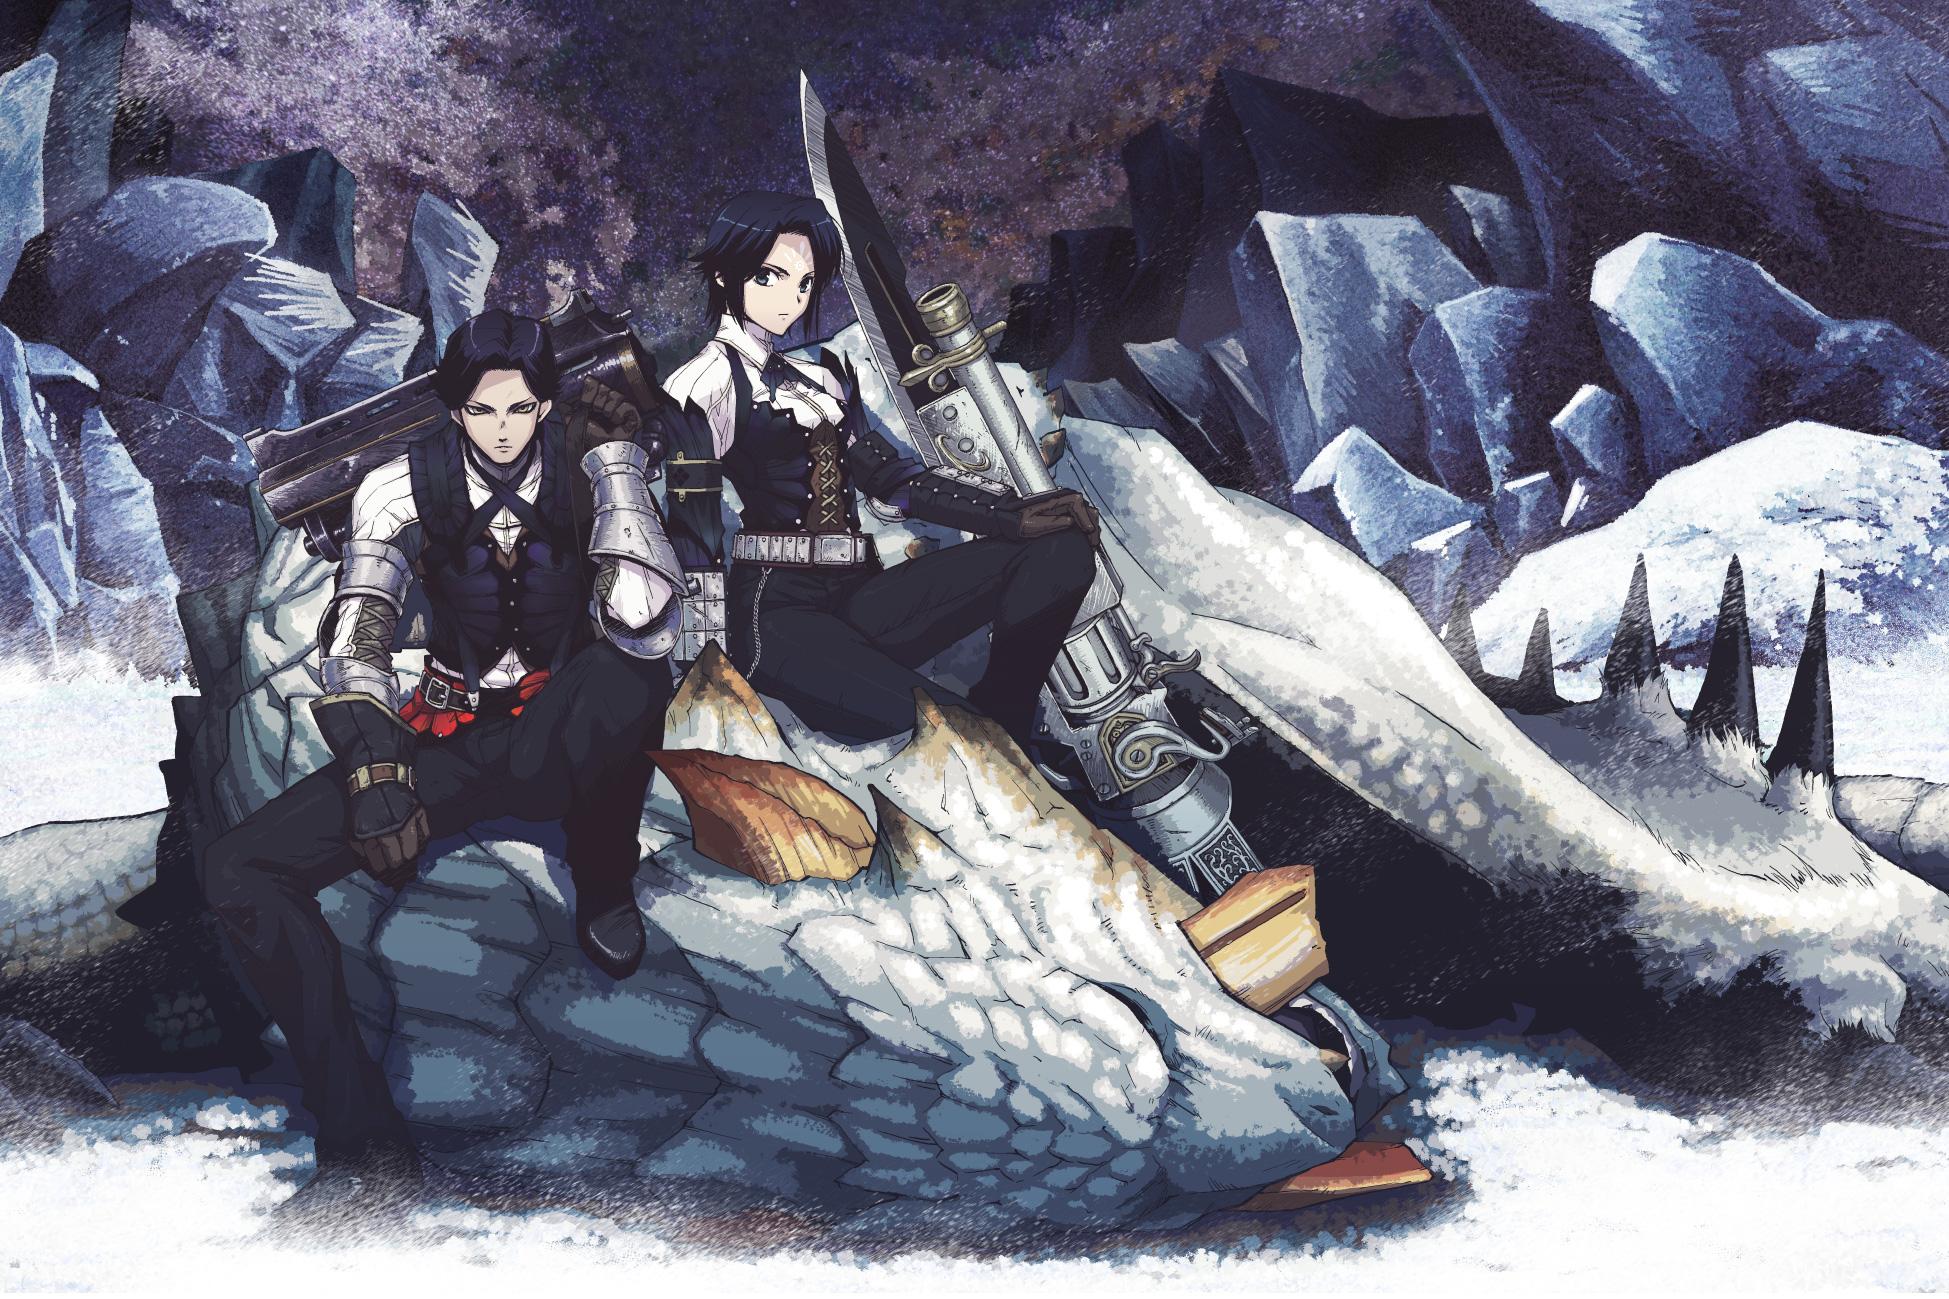 Monster Hunter Anime Wallpaper 1949x1299 34508 Wallpaperup